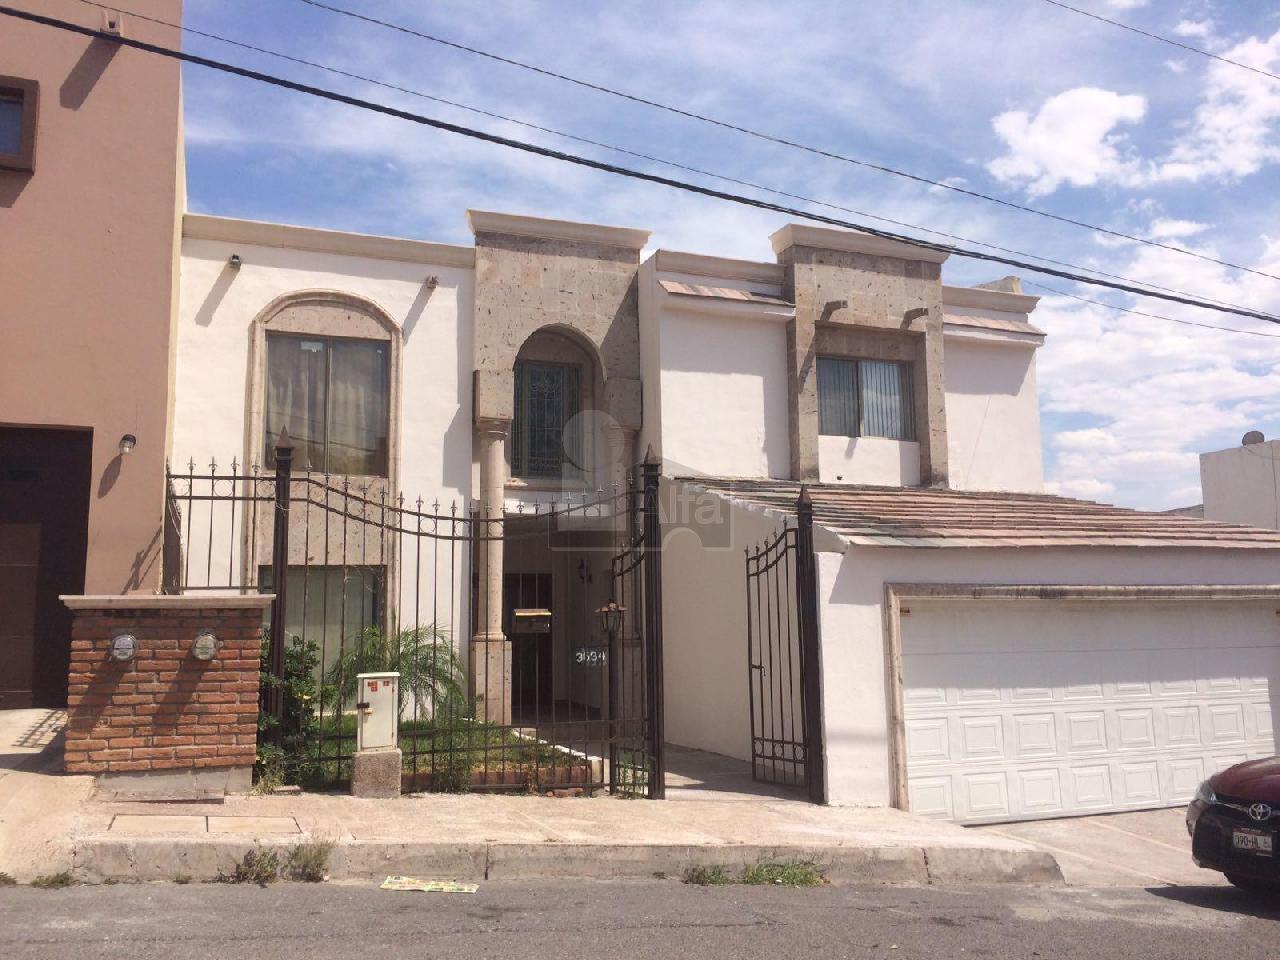 Casa en renta jardines de san francisco i chihuahua 3 for Casas en renta chihuahua